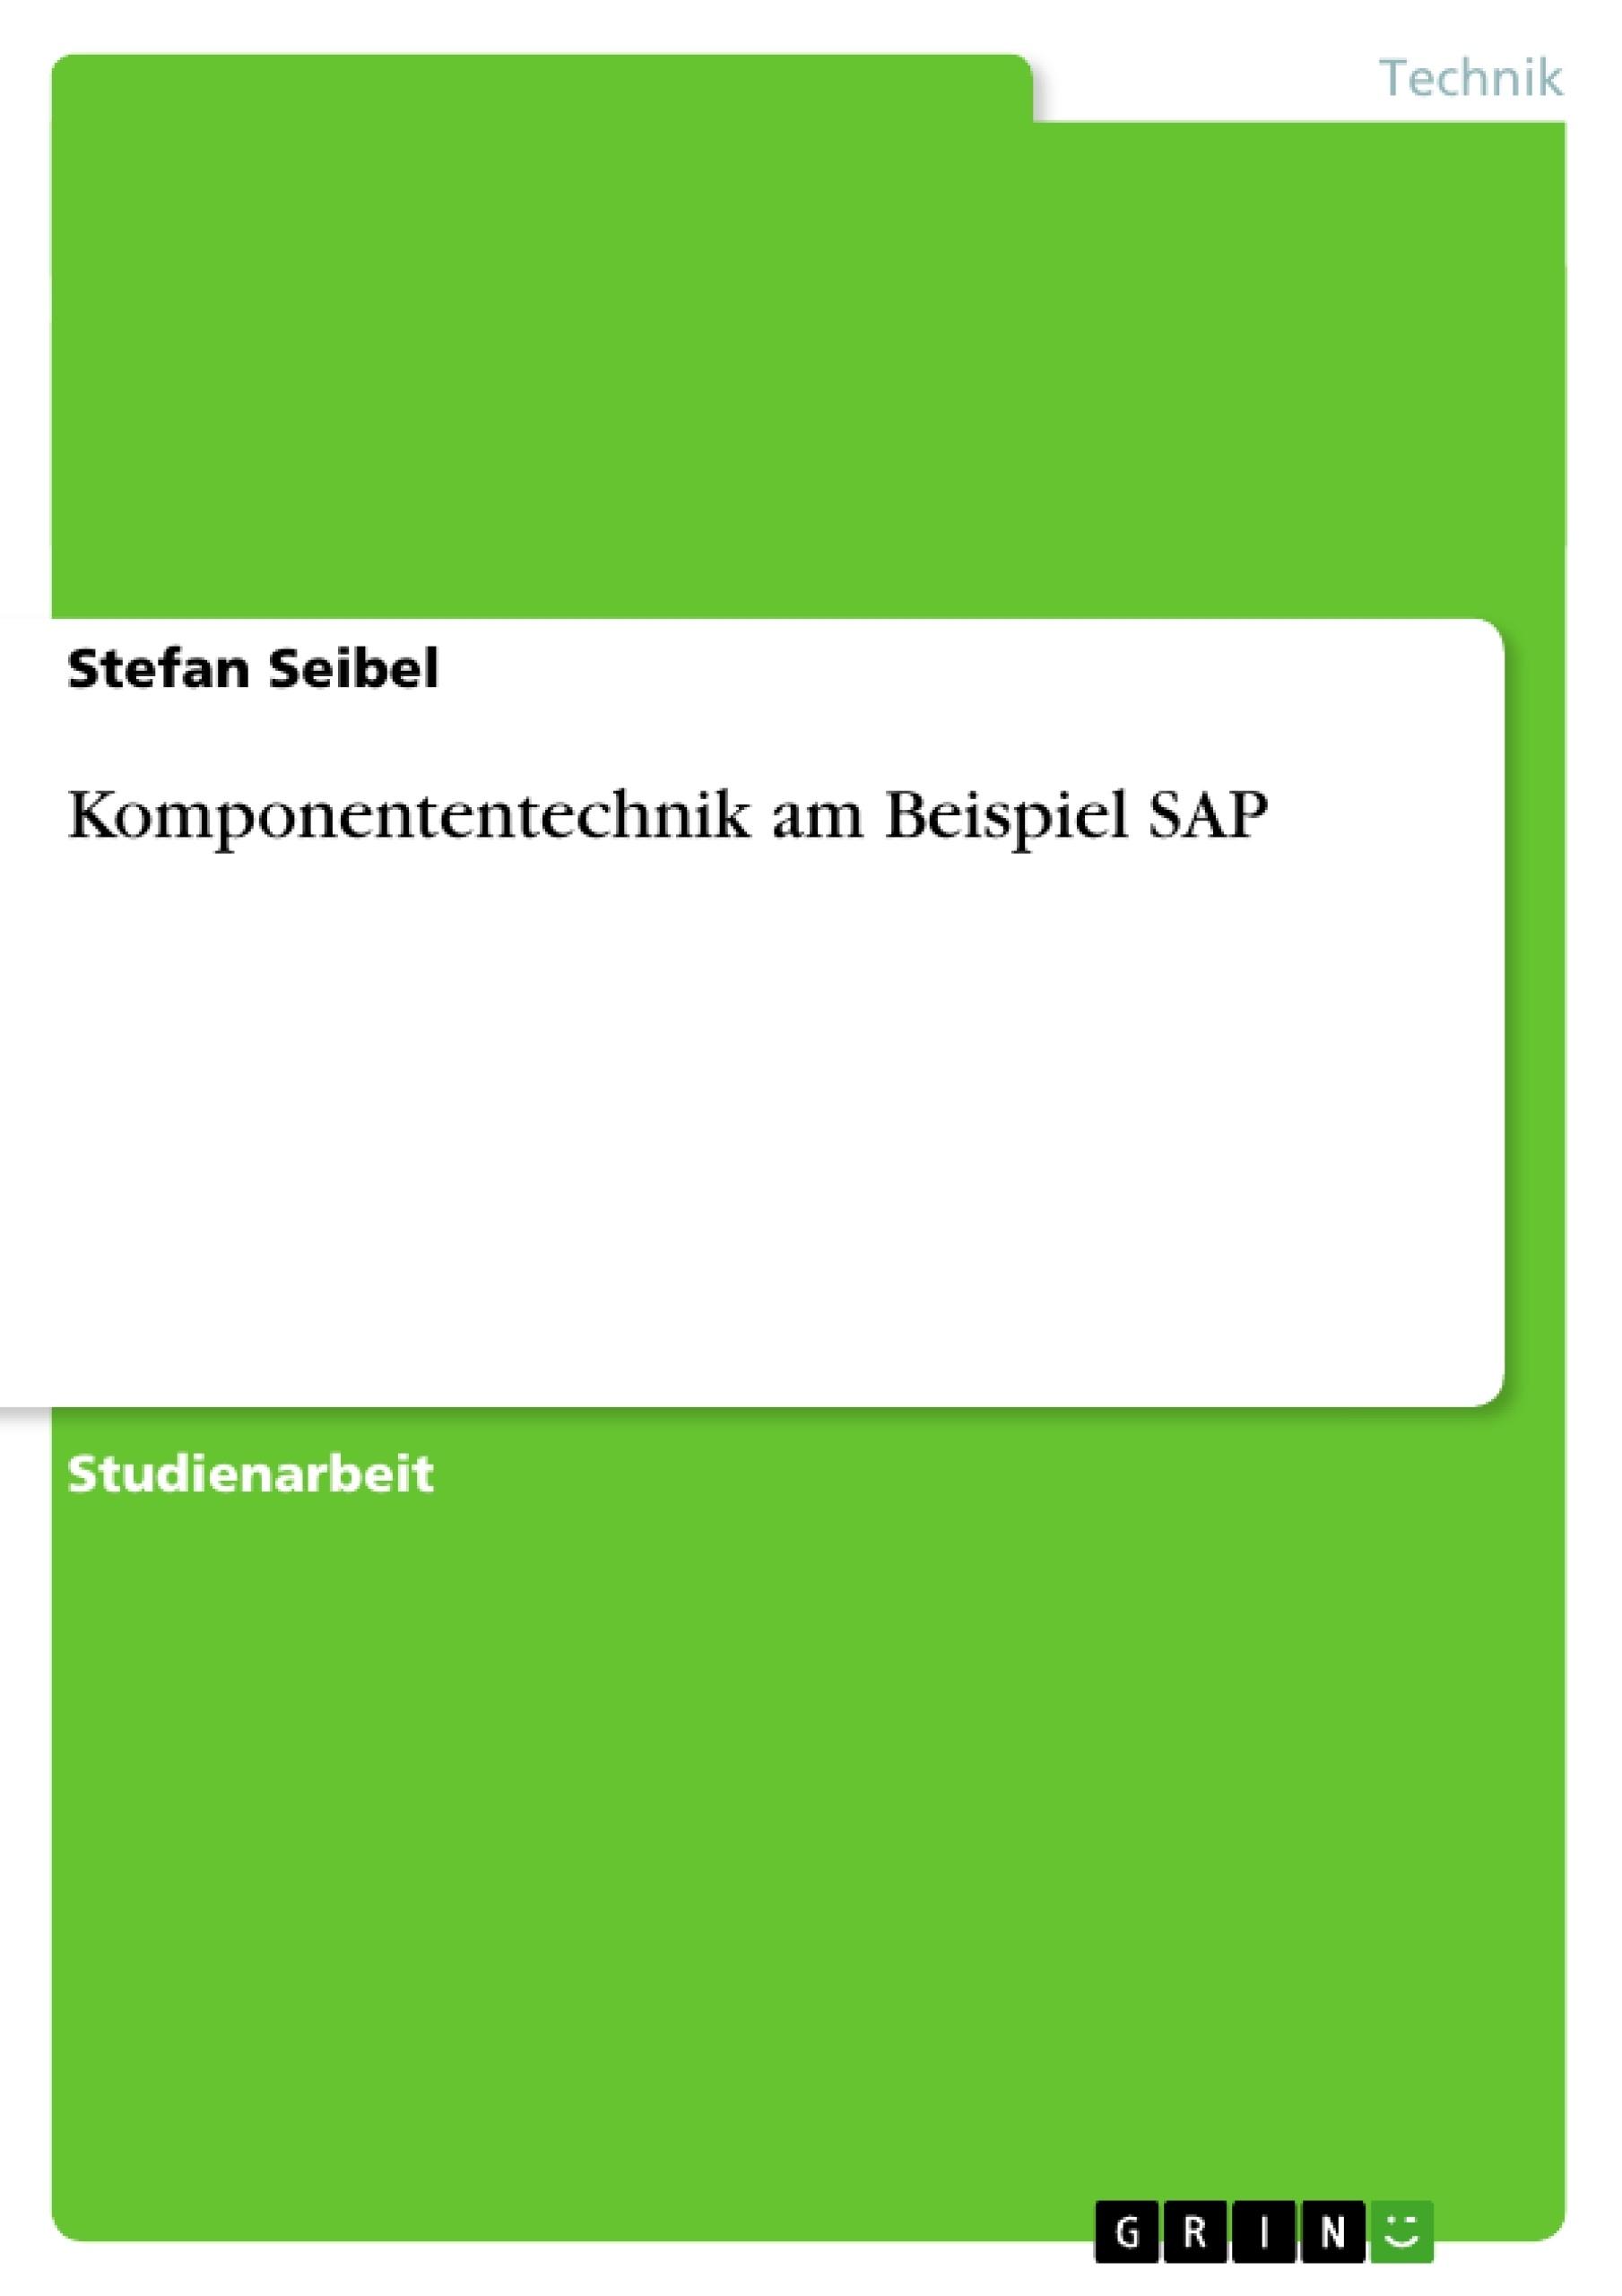 Titel: Komponententechnik am Beispiel SAP